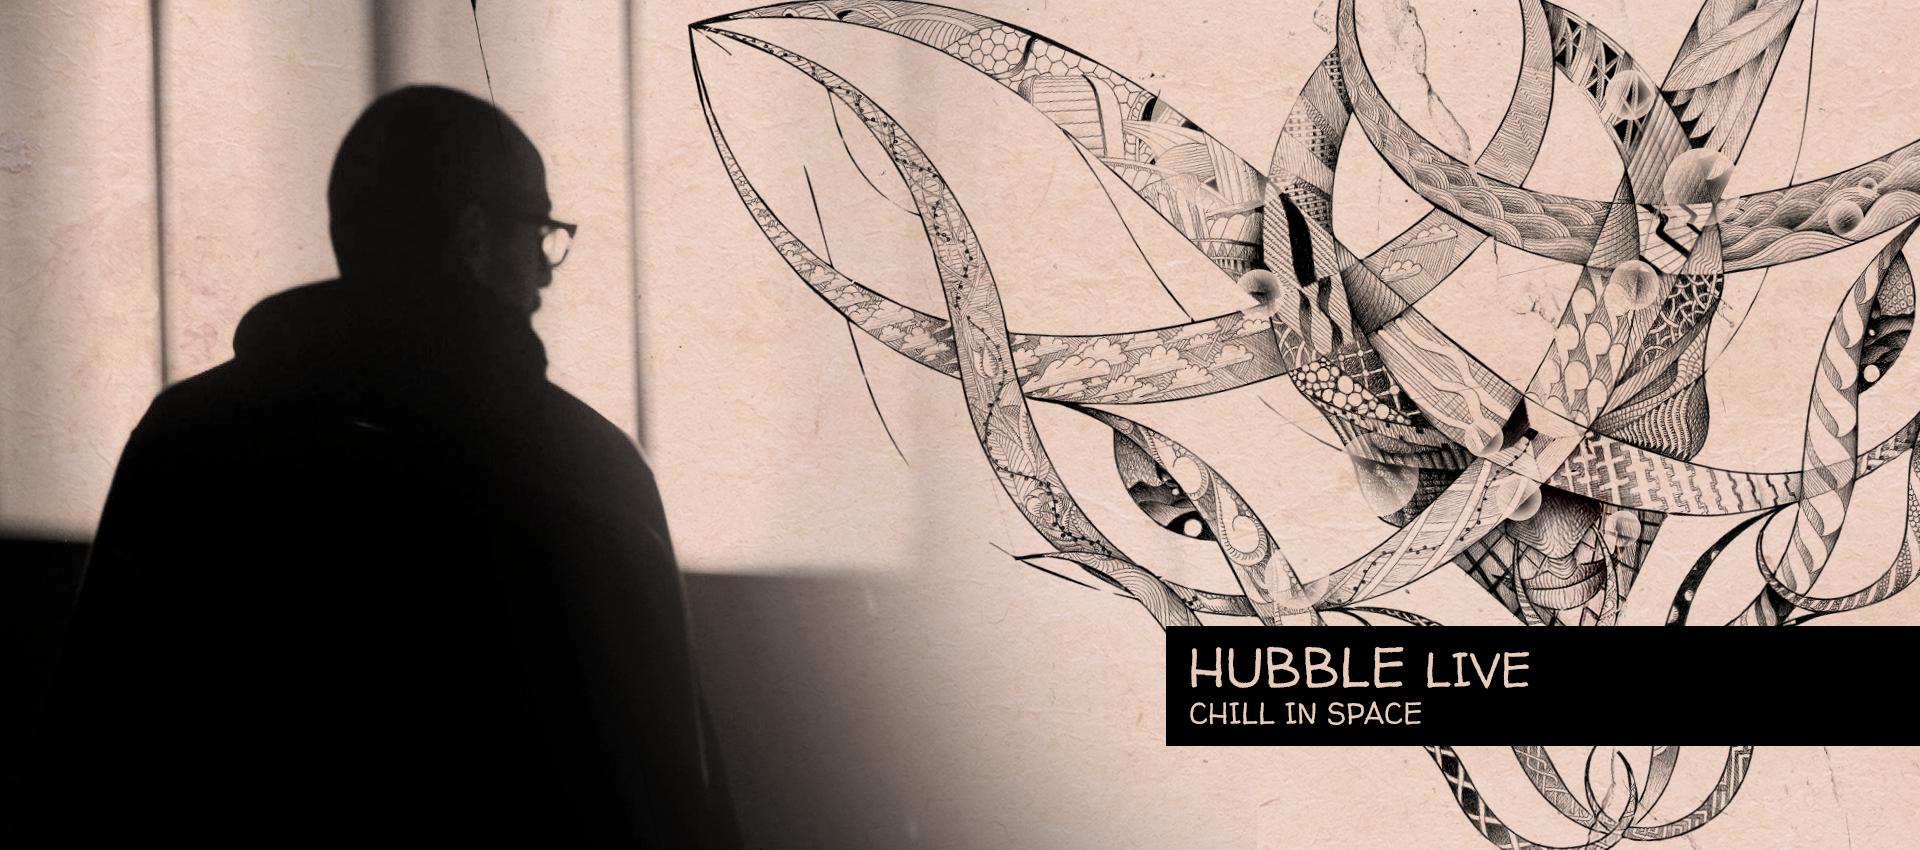 Hubble Live